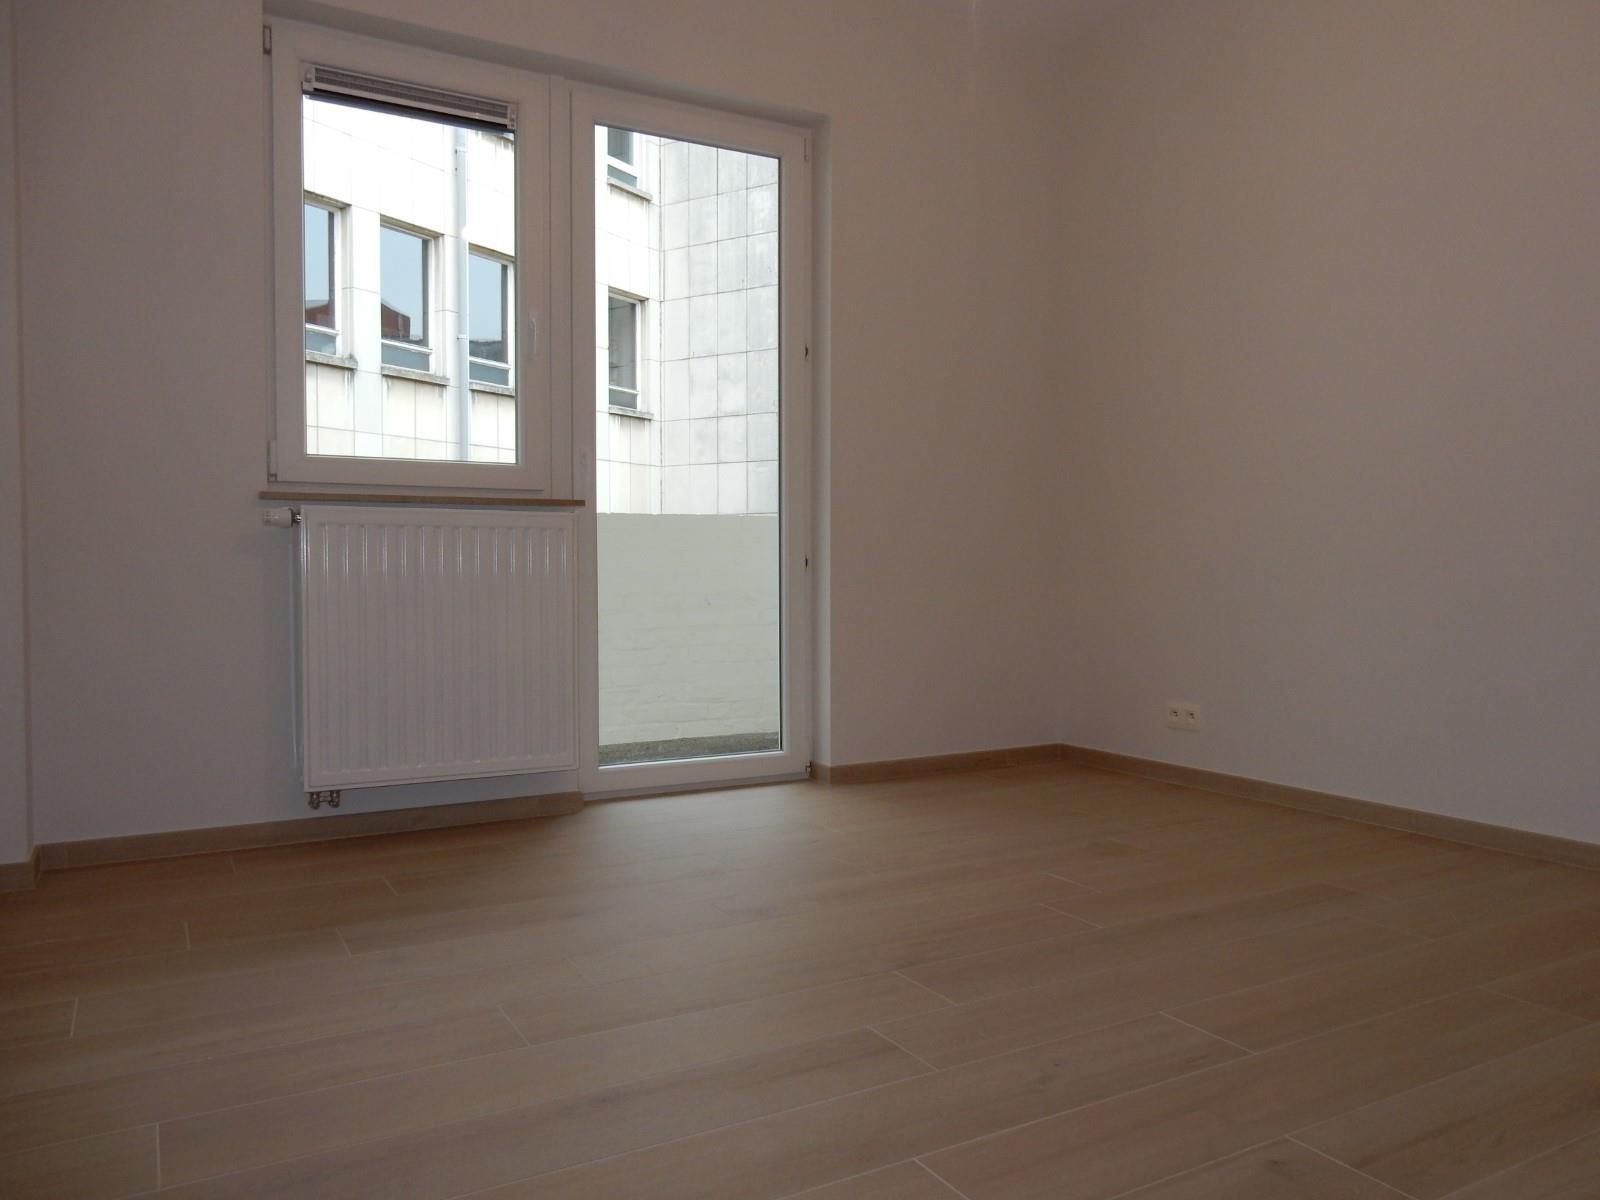 Flat - Schaerbeek - #4137628-8